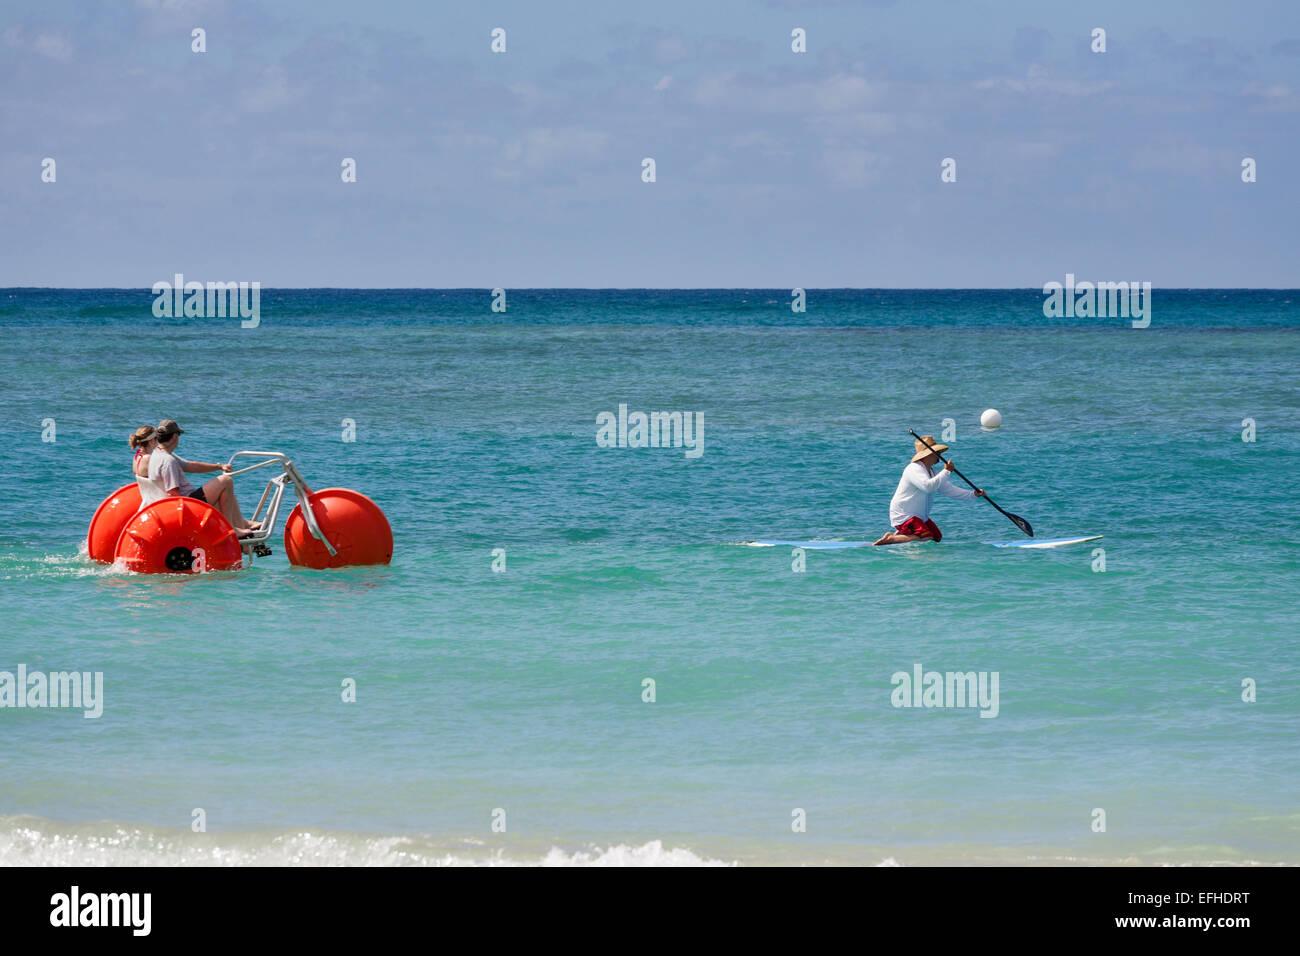 Lo viejo y lo nuevo: agua persigue a un triciclo arrodillado surf paddler. Un par que venden un agua anaranjada Imagen De Stock